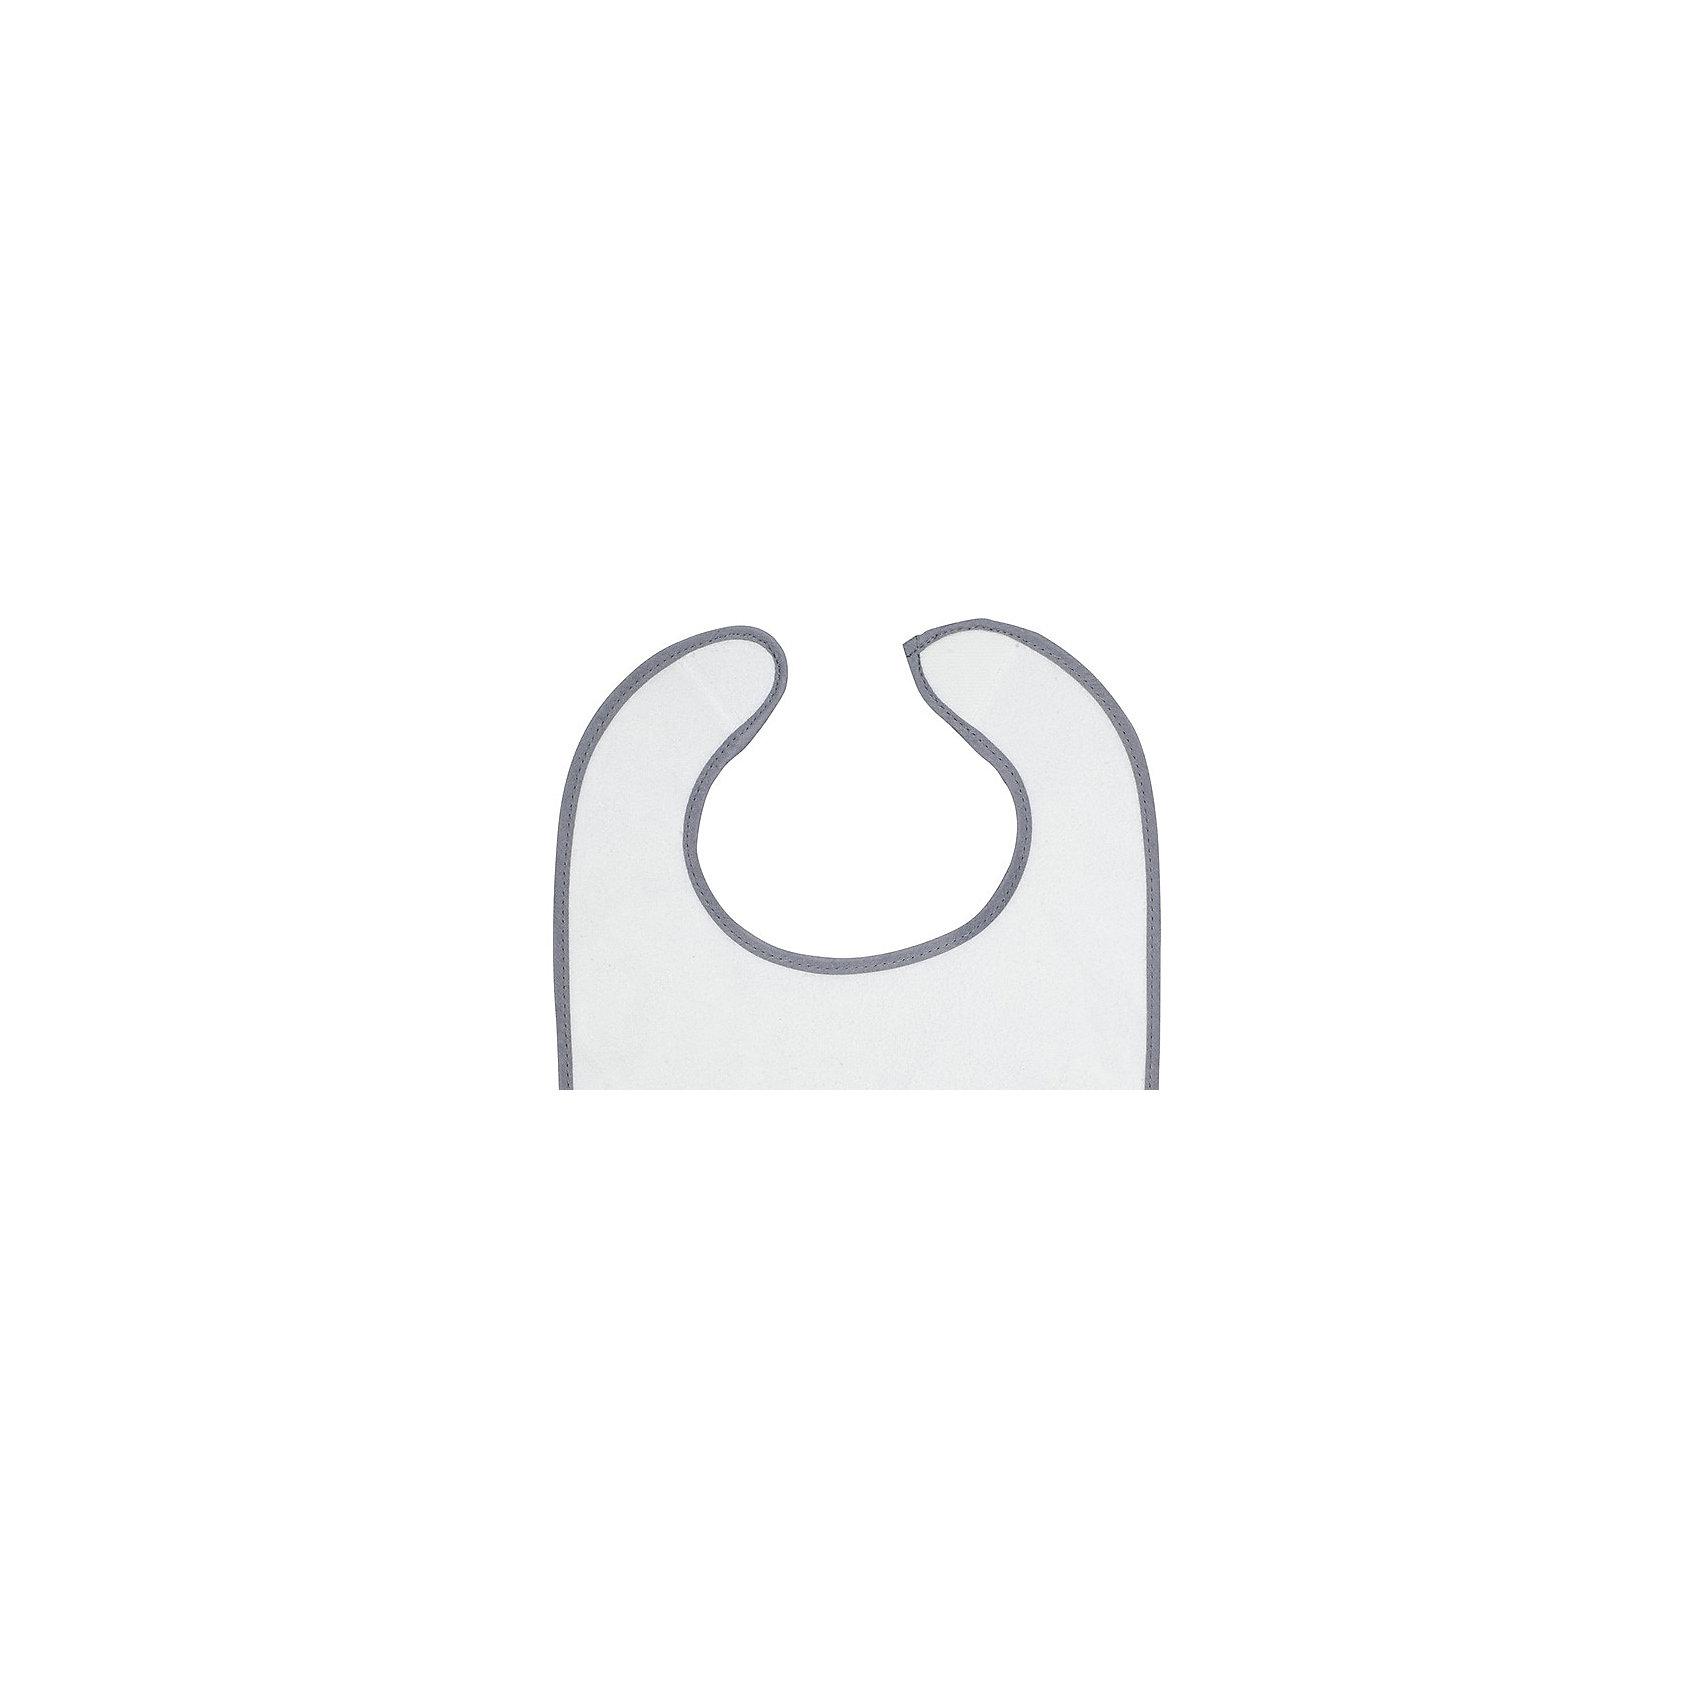 Комплект махровых нагрудников, 3 шт, Jollein, Little star grey (jollein)